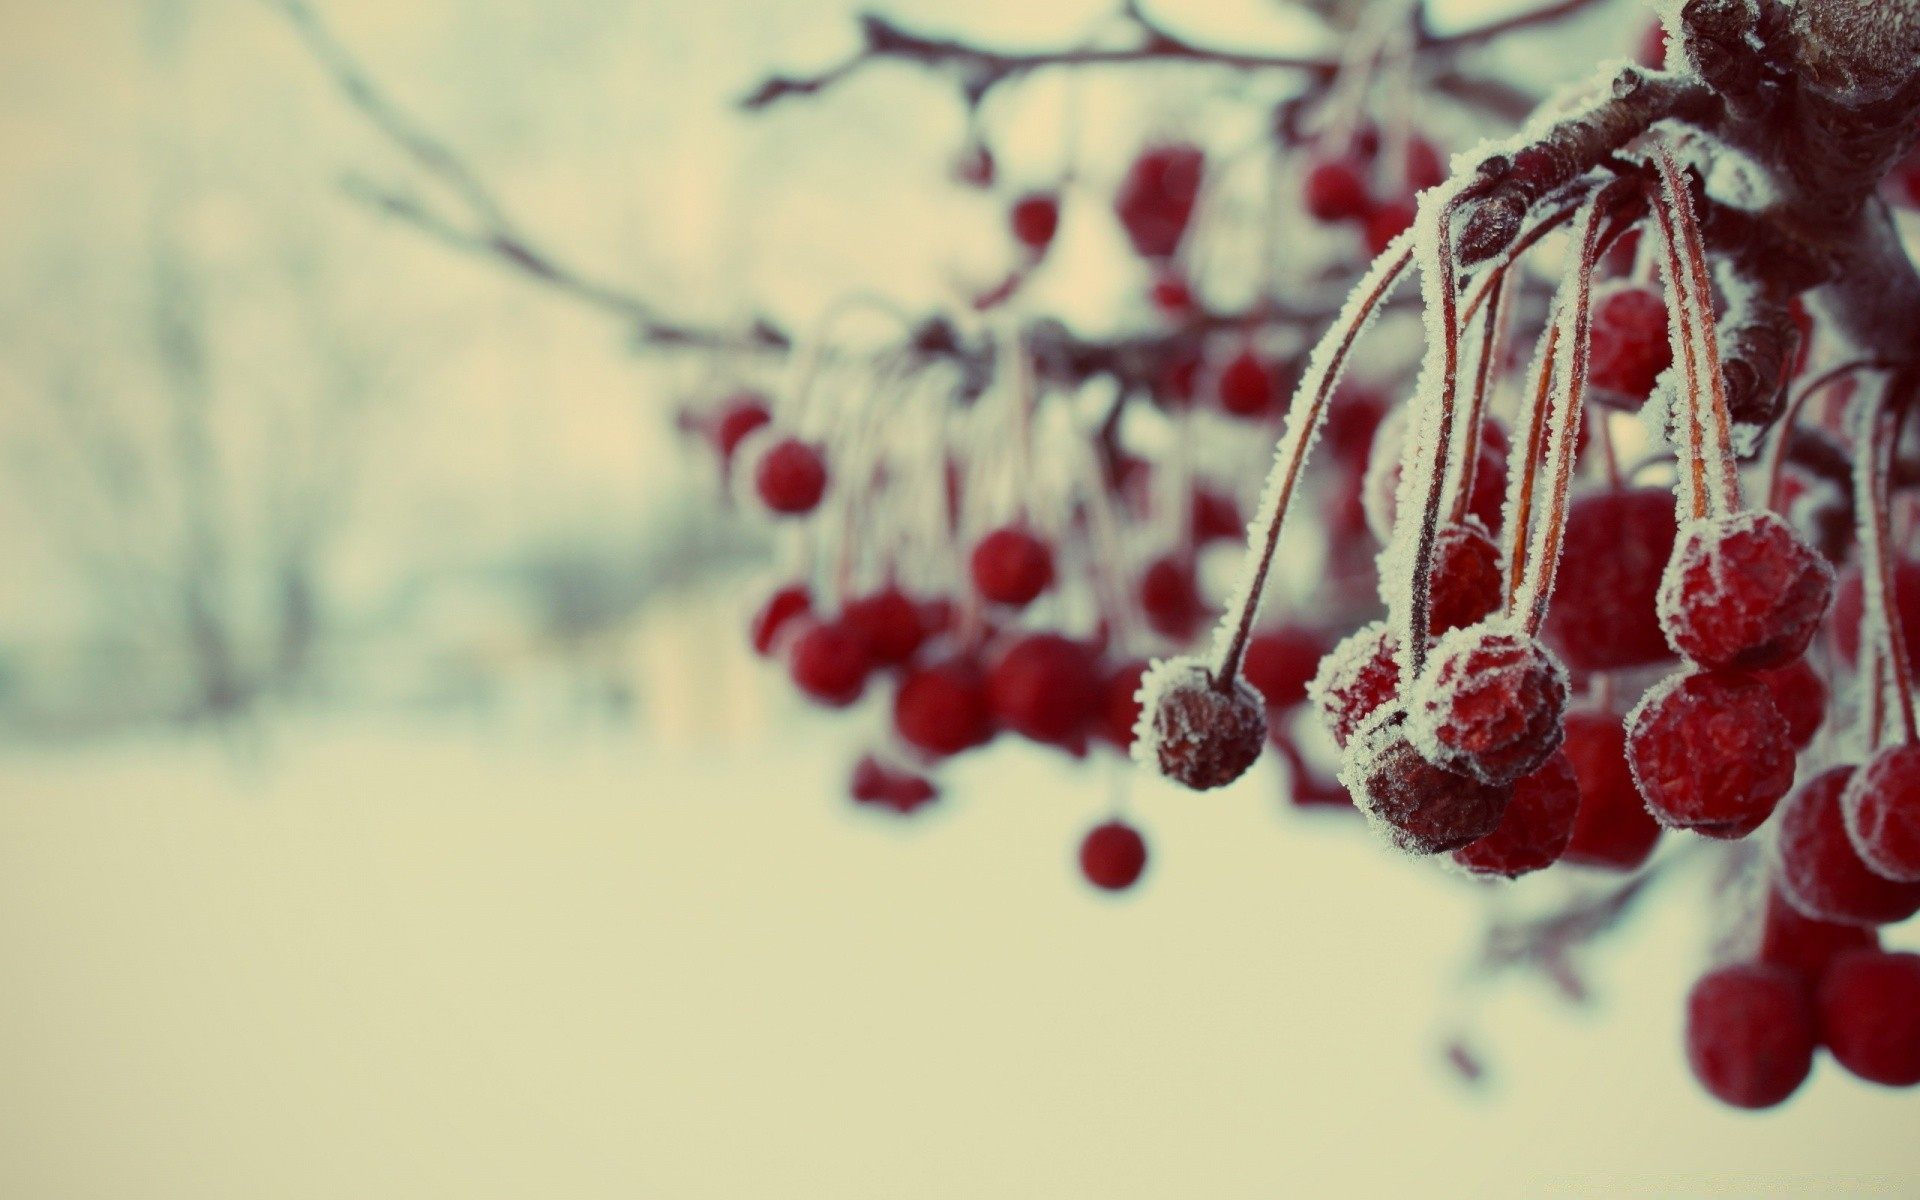 Заледеневшие ягоды  № 777660 загрузить